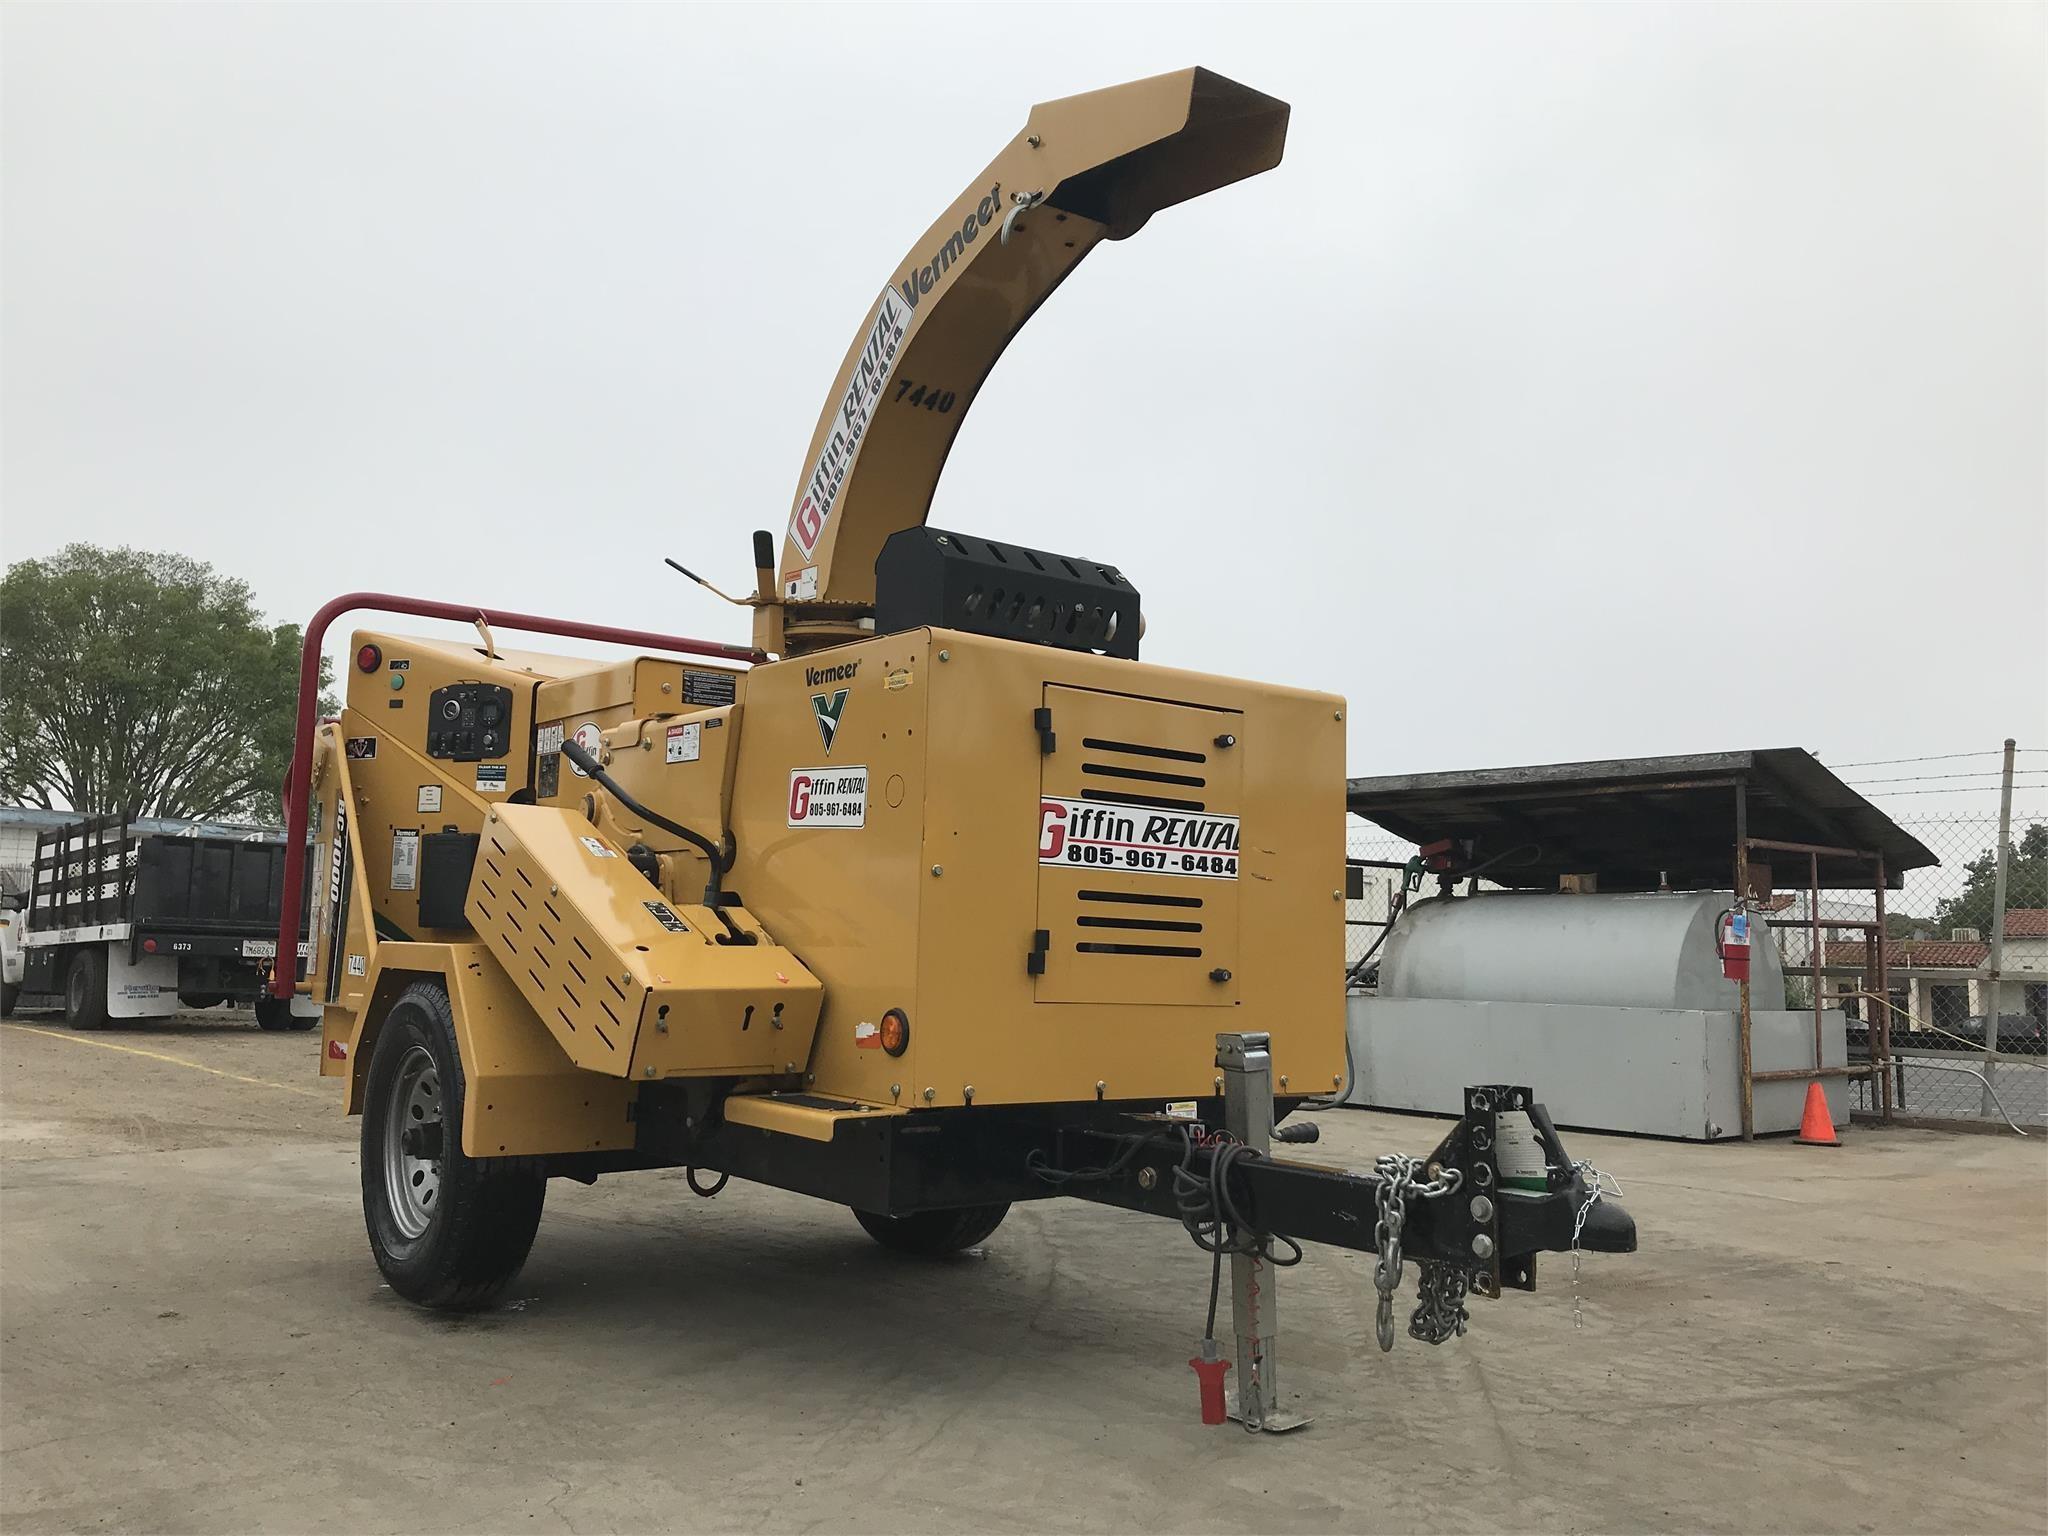 2018 VERMEER BC1000XL For Sale in Goleta, California